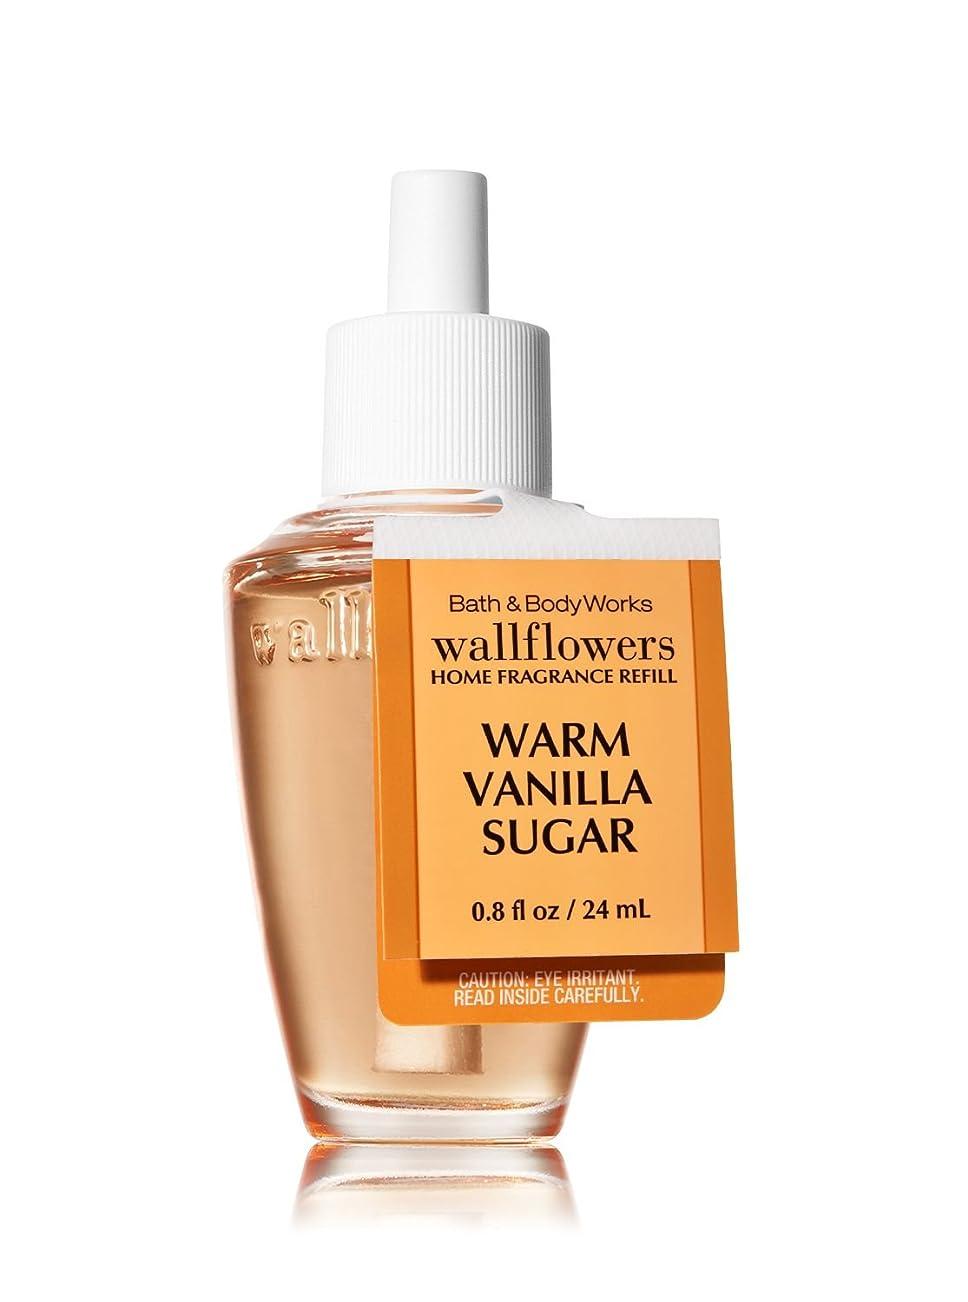 厚くするクロス反乱【Bath&Body Works/バス&ボディワークス】 ルームフレグランス 詰替えリフィル ウォームバニラシュガー Wallflowers Home Fragrance Refill Warm Vanilla Sugar [並行輸入品]